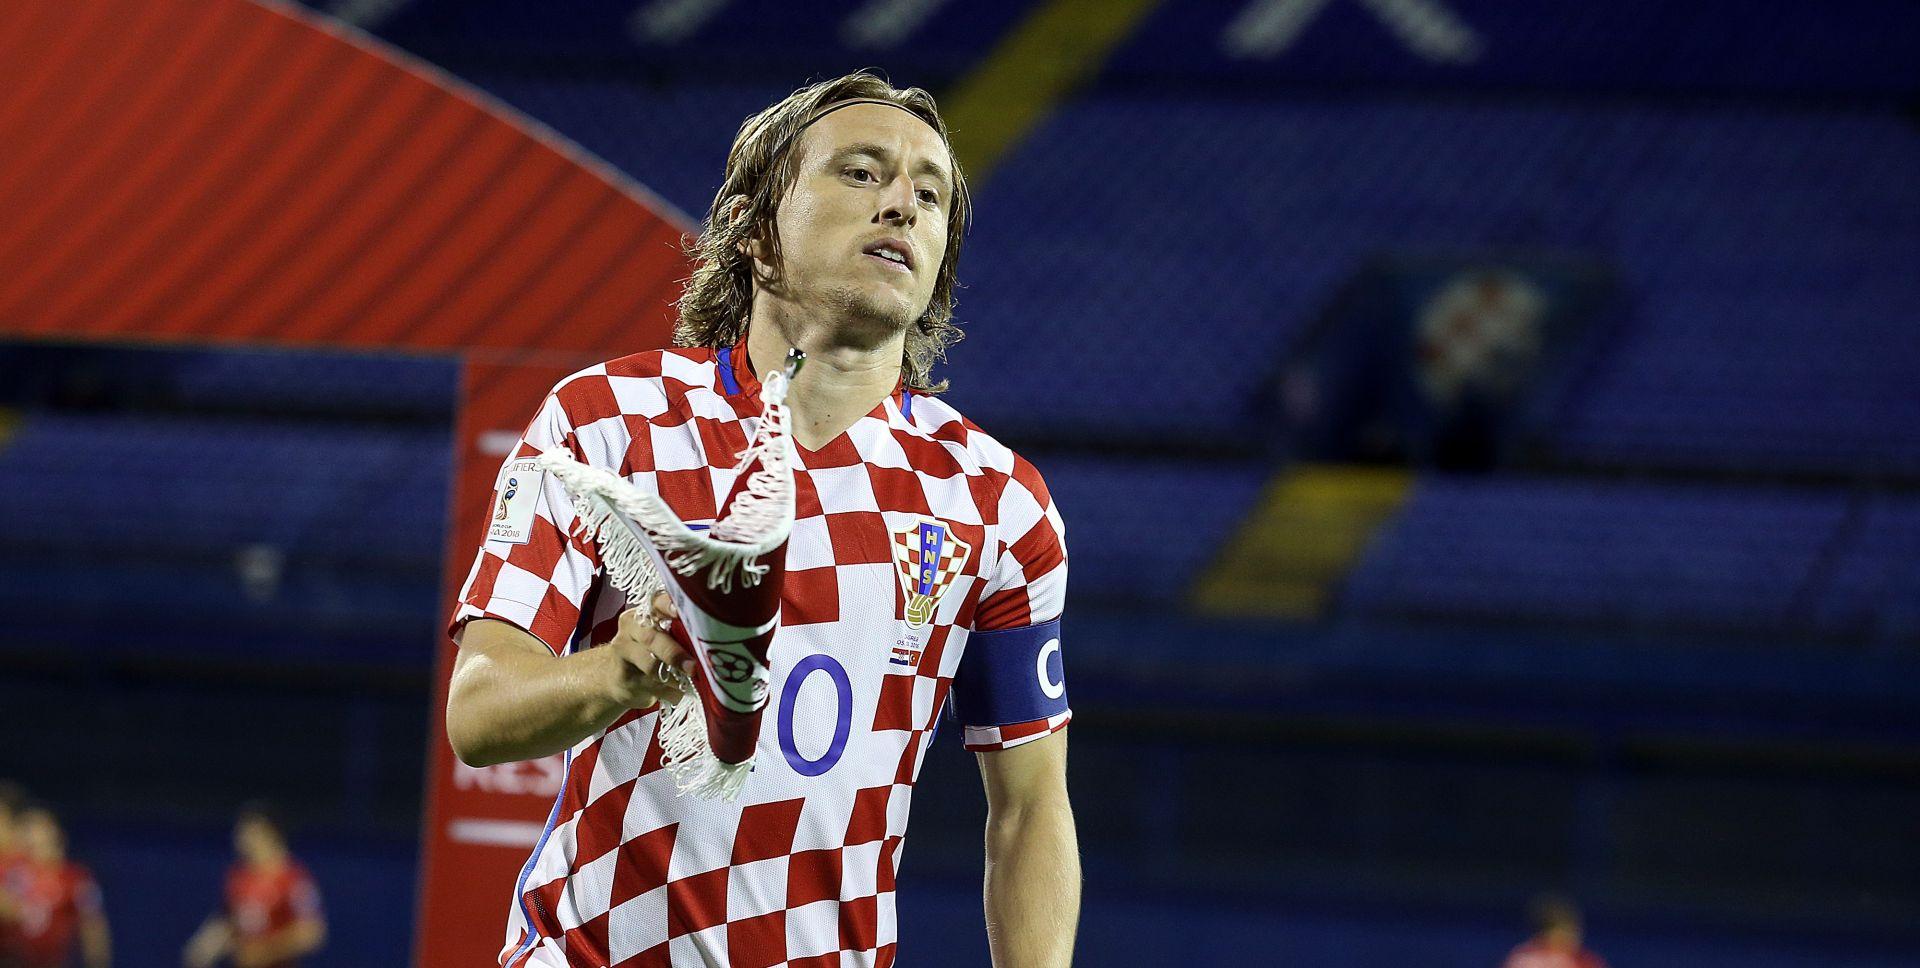 NAKON MJESEC DANA OPORAVKA Luka Modrić vratio se treninzima u Madridu